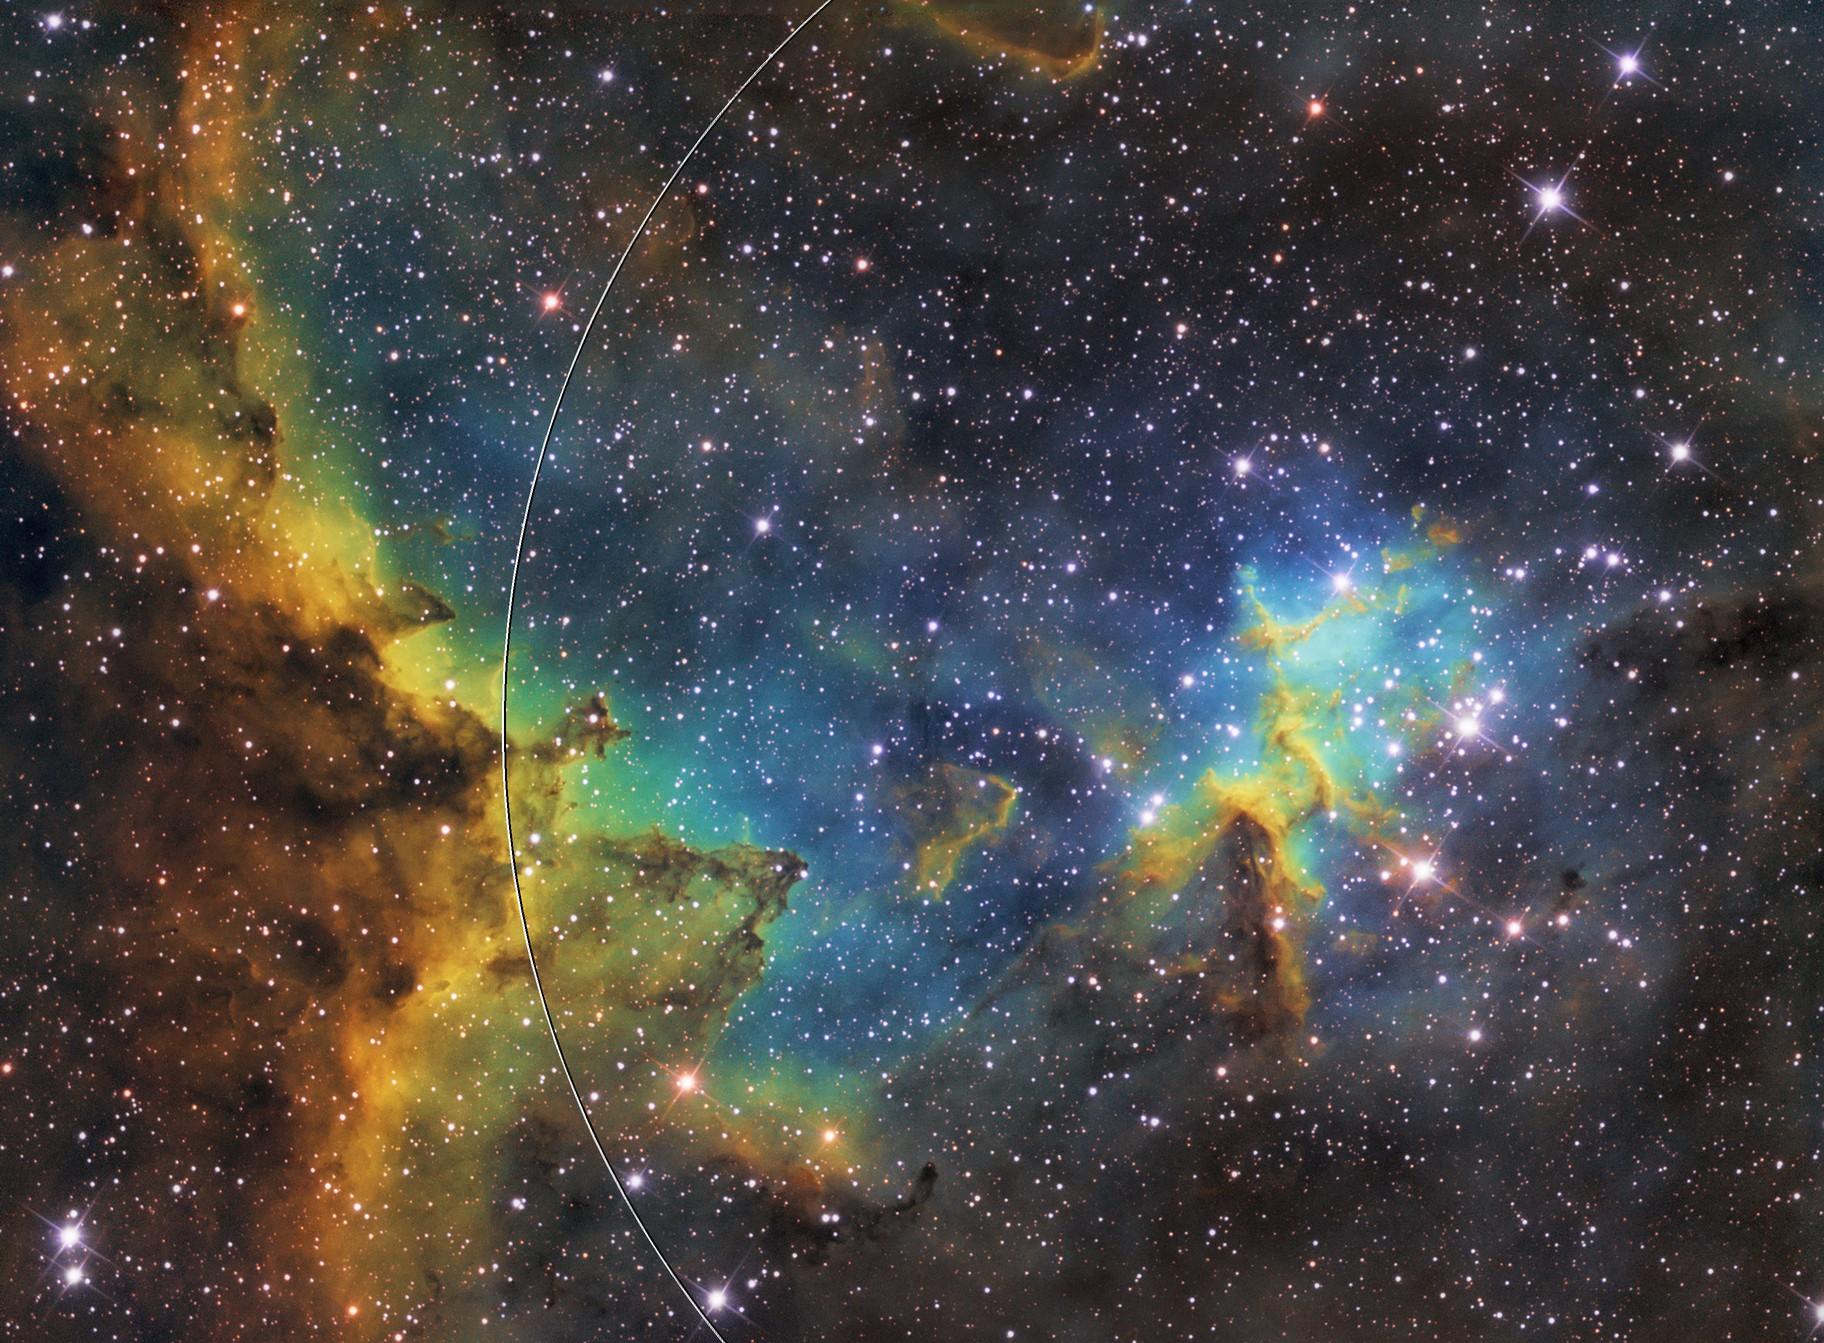 Heart Nebula NGC 896 / IC 1805 - Herznebel / Herz Nebel CORE